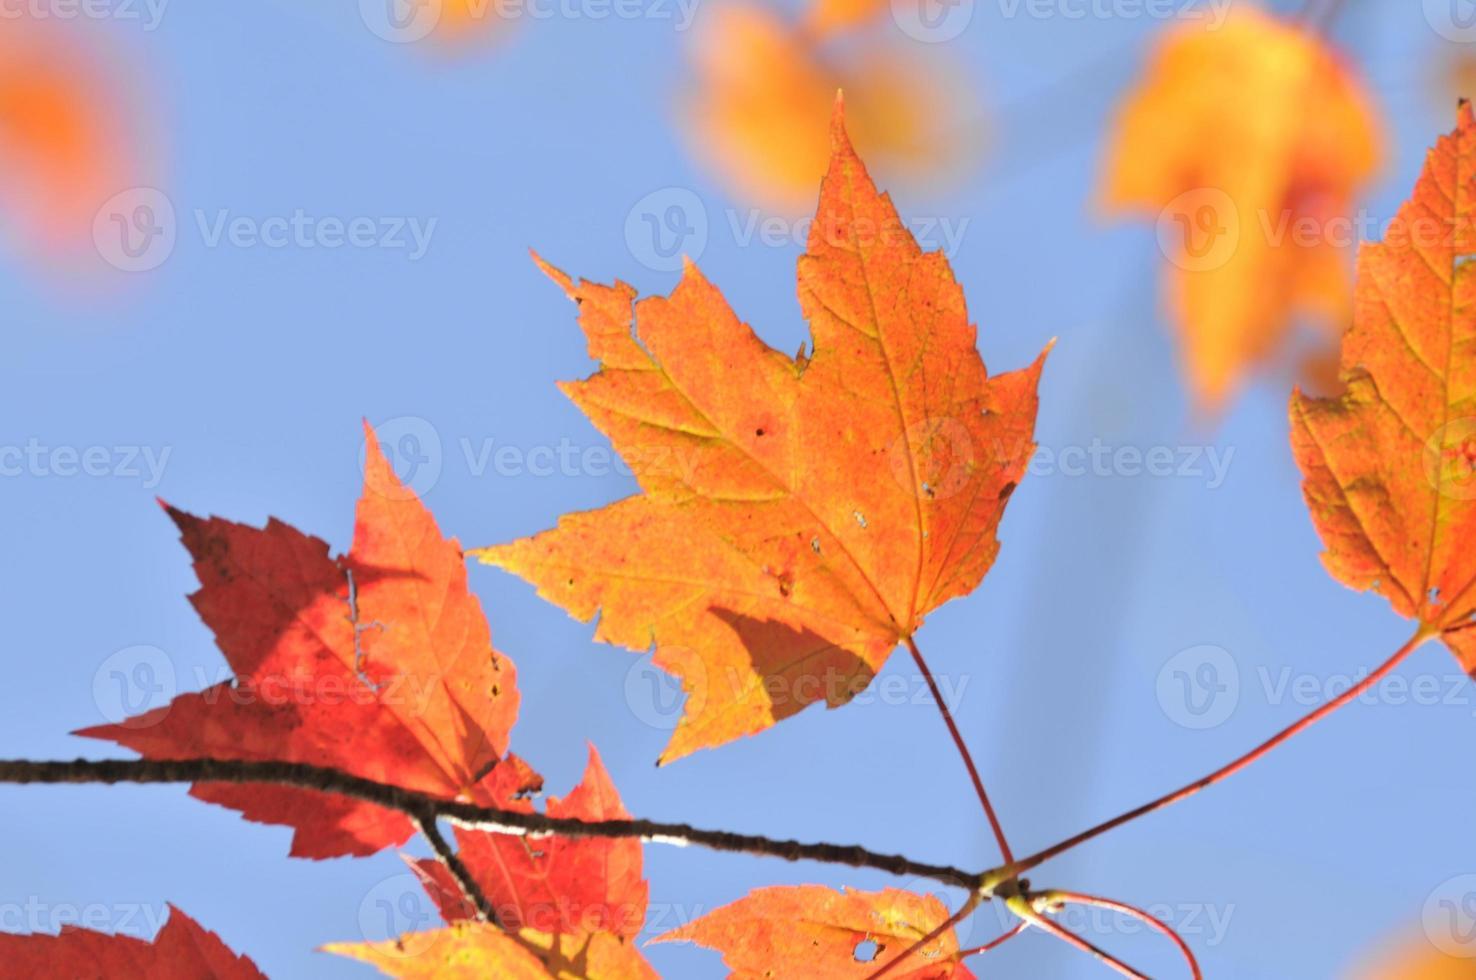 hösten lönnlöv foto